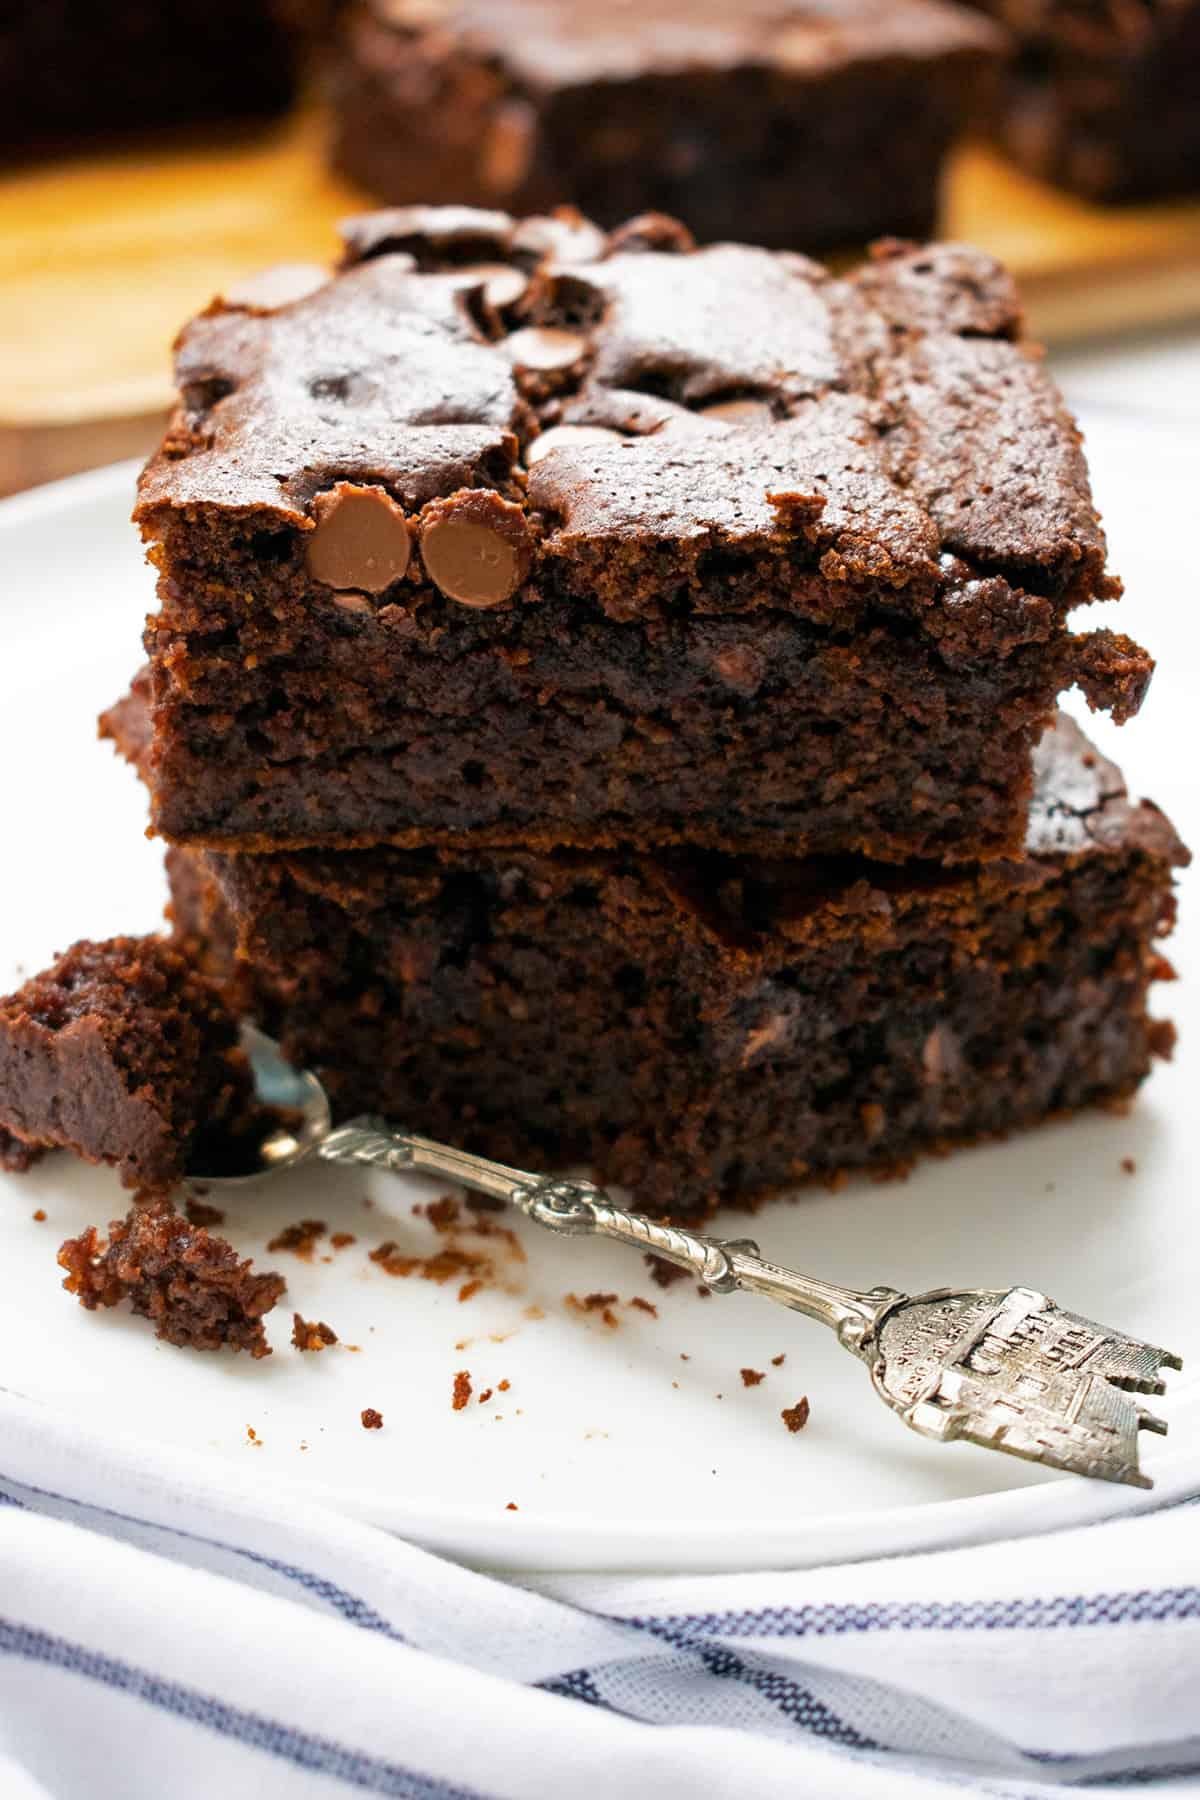 brownies de chocolate y calabaza servidos en un plato blanco